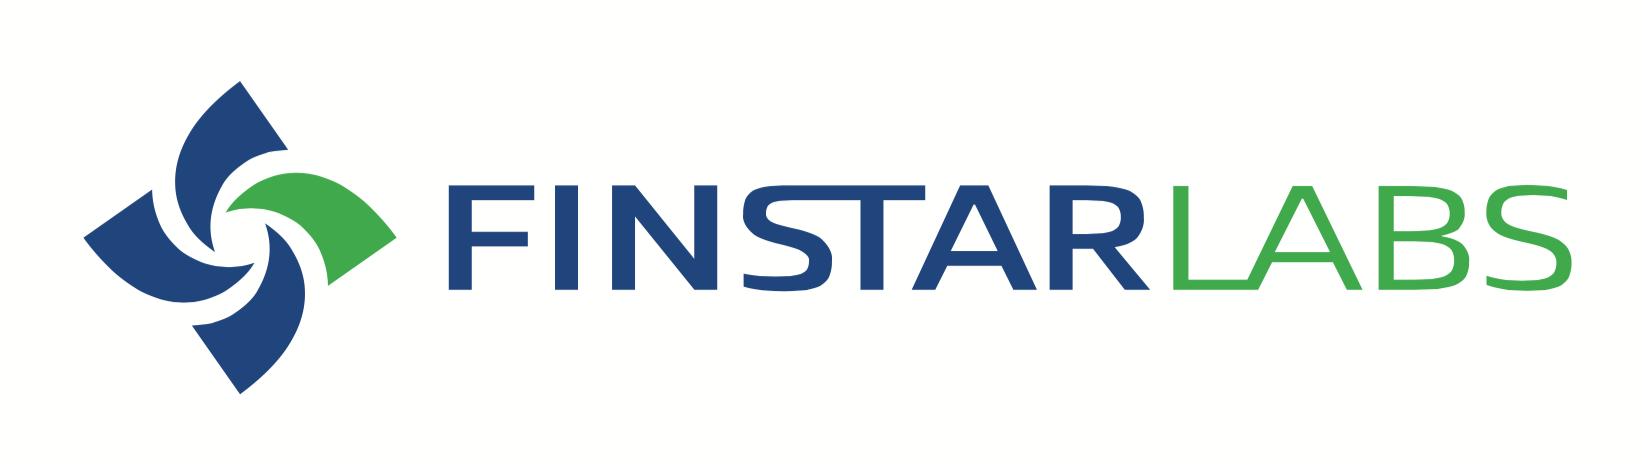 Finstar Labs